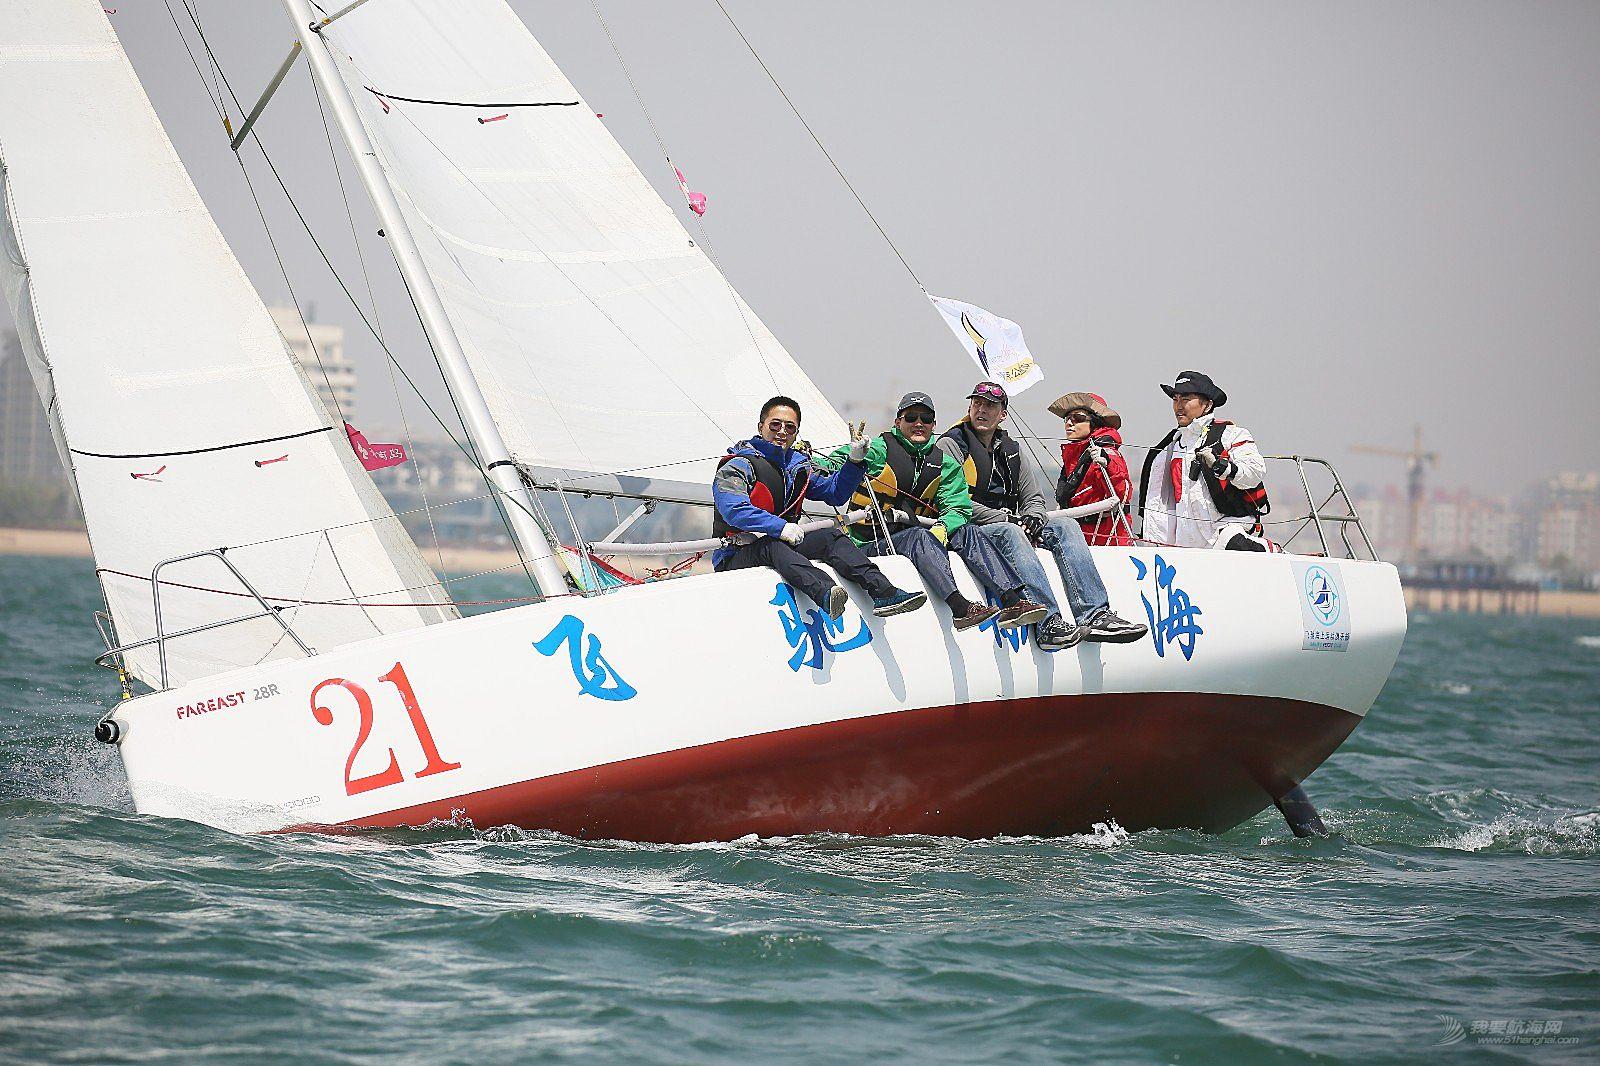 第一次参加帆船赛并获得冠军的感悟和赛后作业